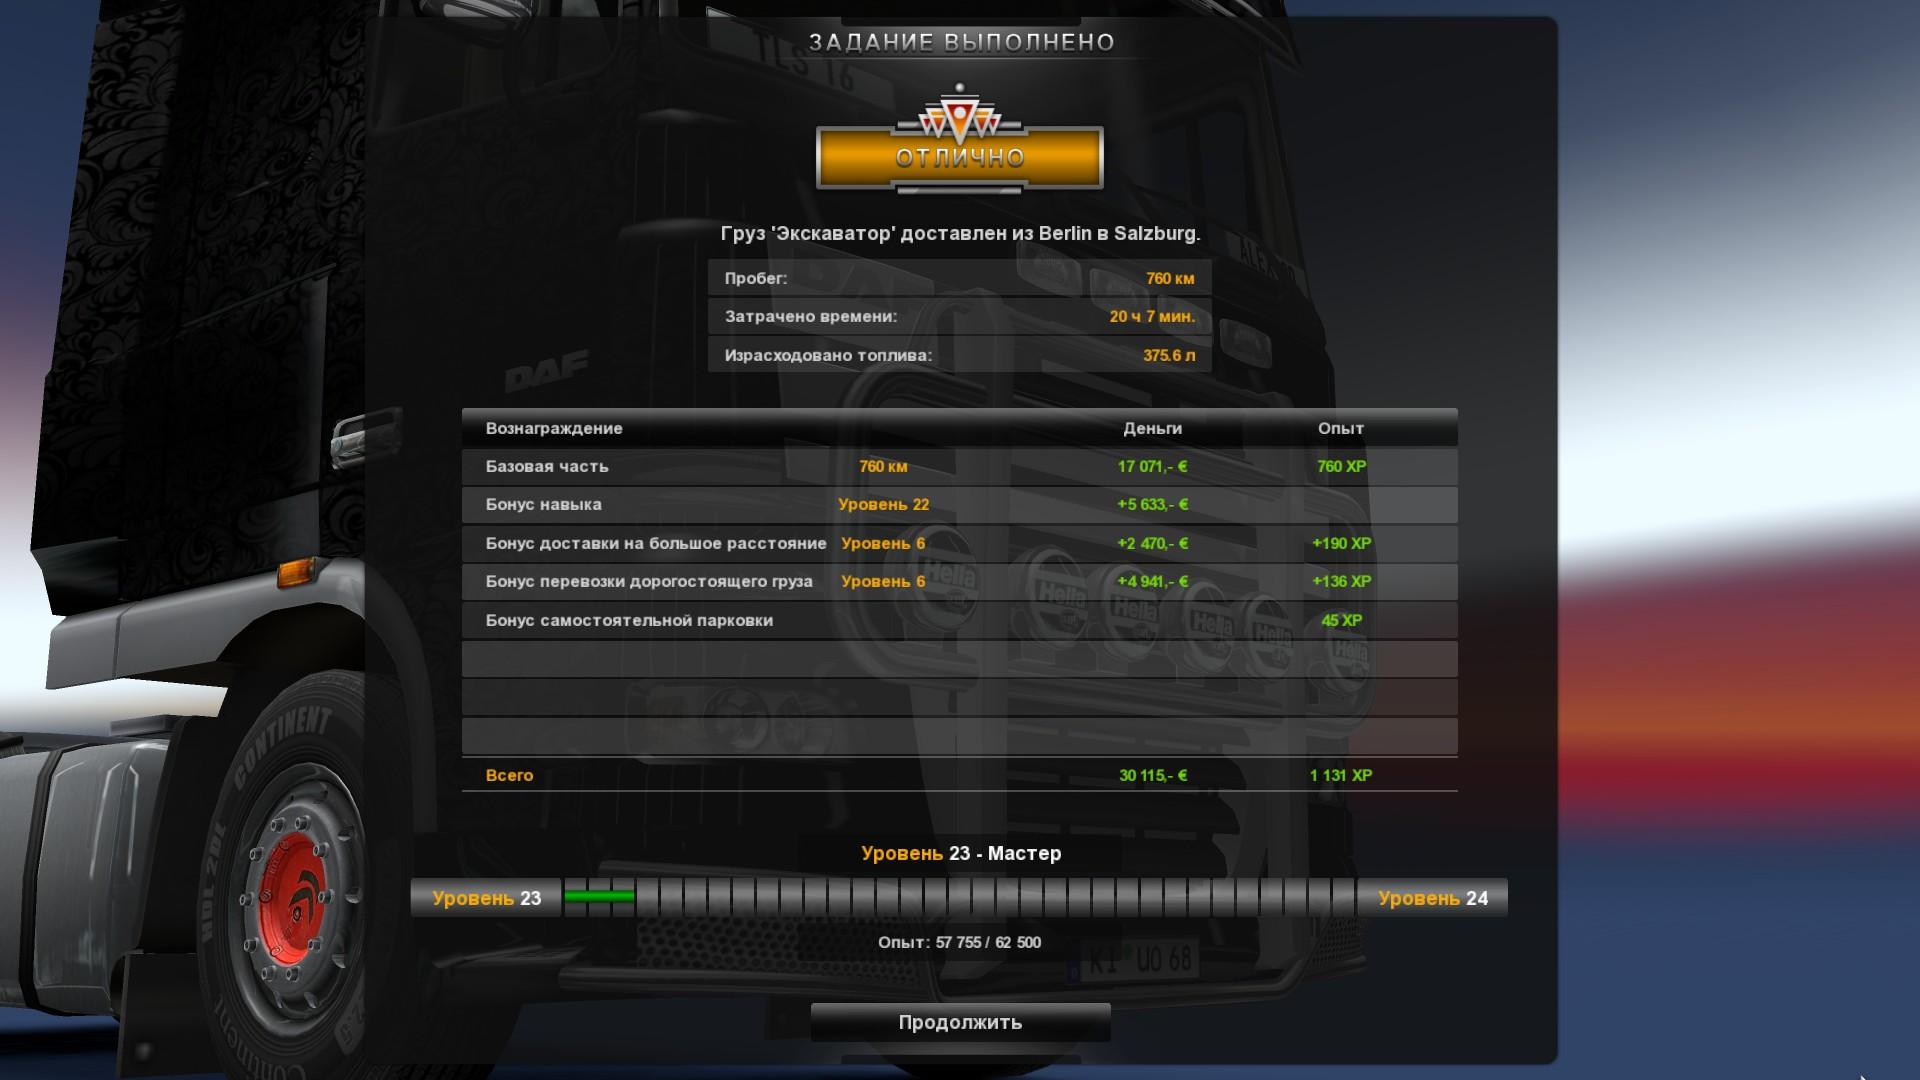 Как получить много денег в Euro Truck Simulator 2: видео